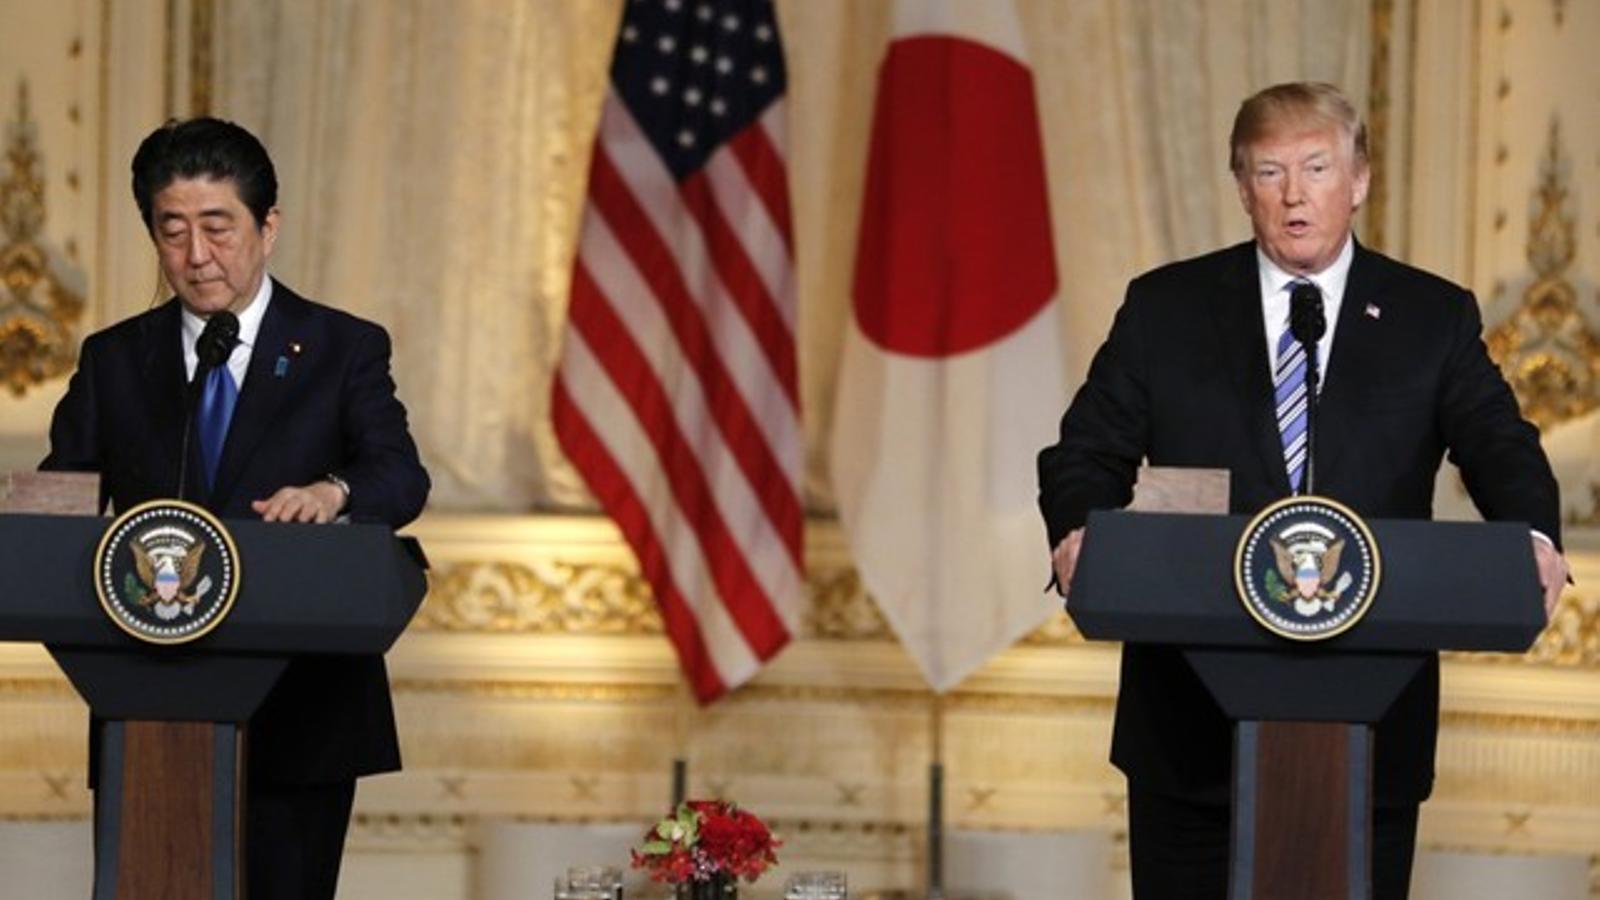 El president dels EUA, Donald Trump, i el primer ministre del Japó, Shinzo Abe, després de la seva cimera de dos dies a Miami.